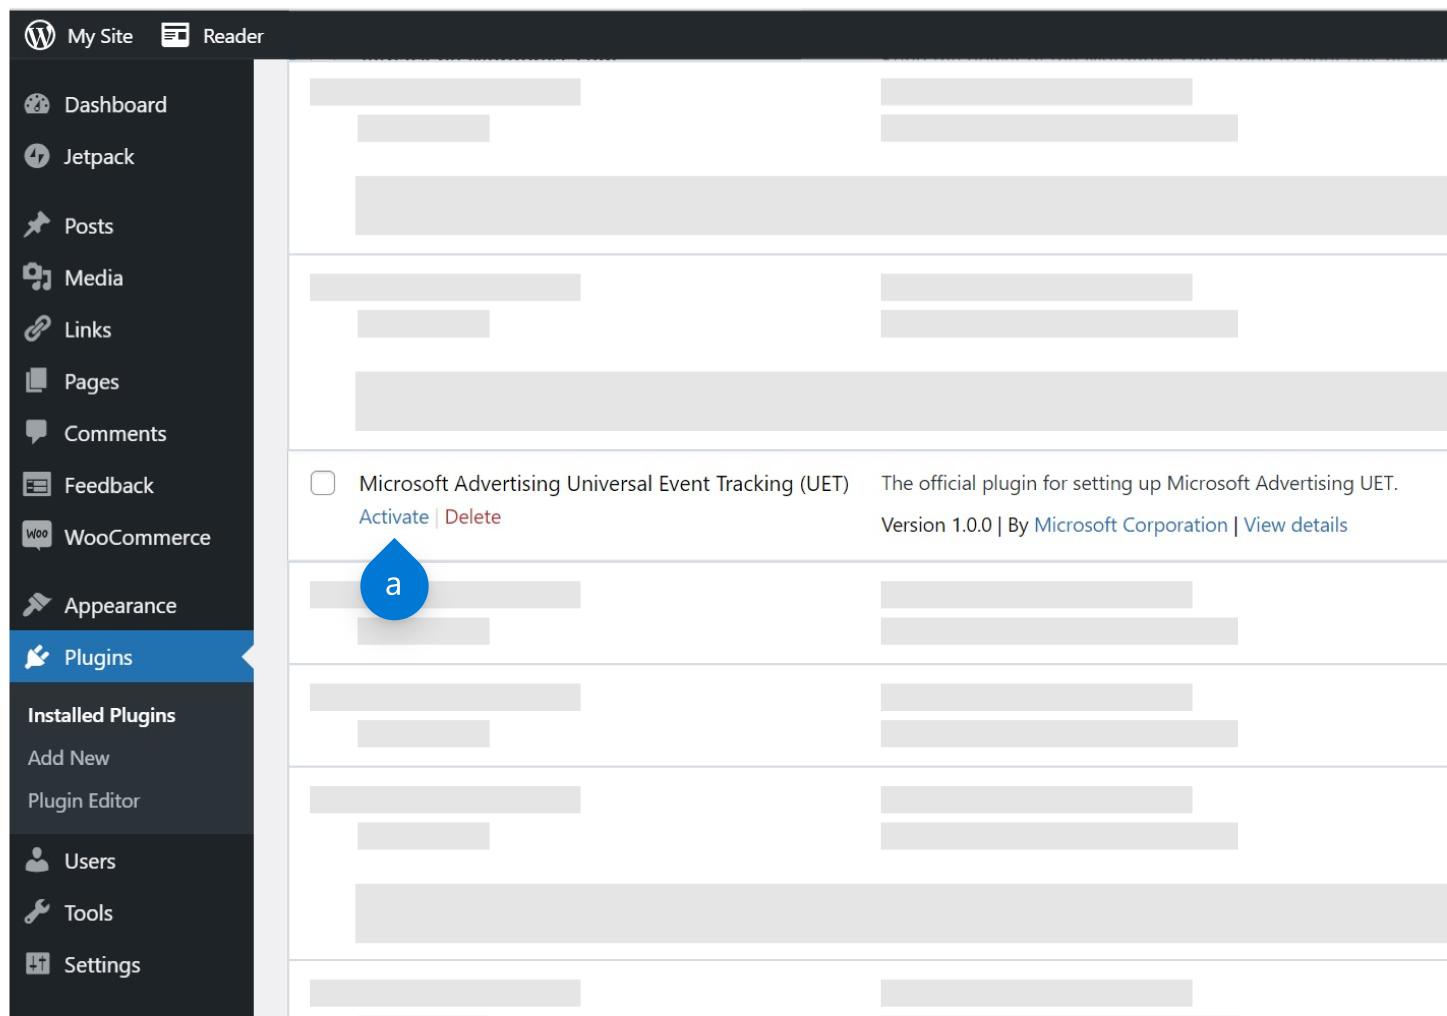 Activate the UET plugin in Wordpress